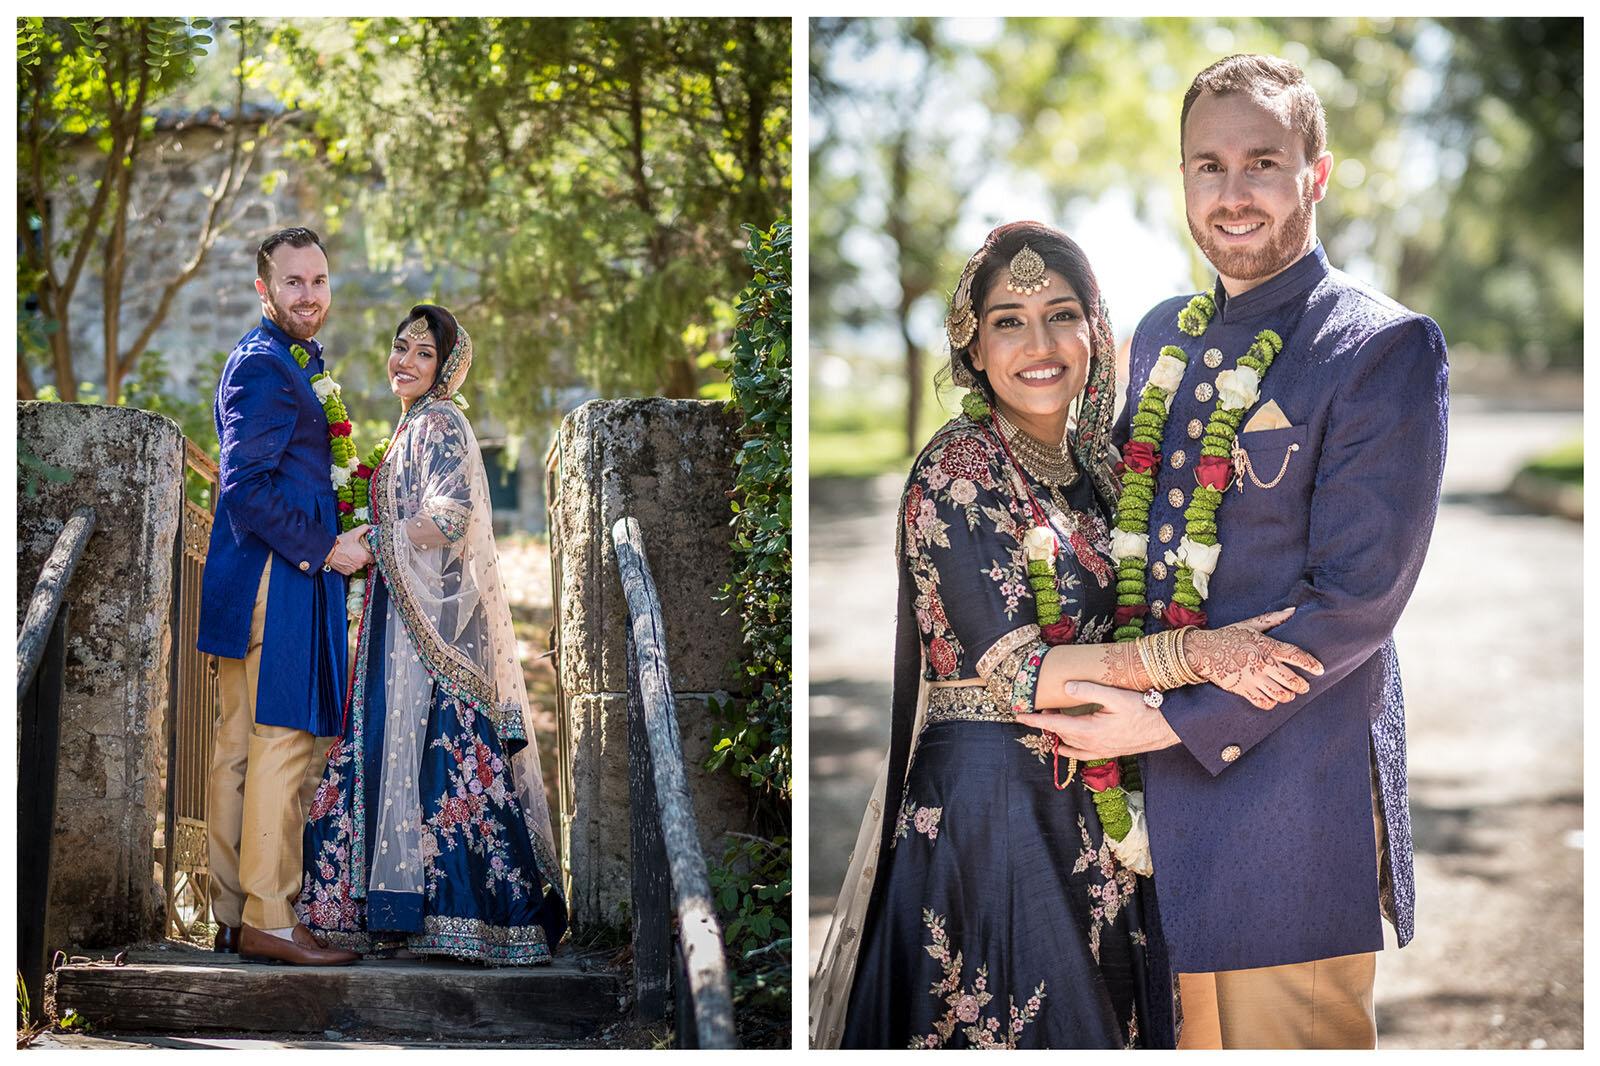 Destination Indian Wedding in Borgo San Faustino compo1.jpg